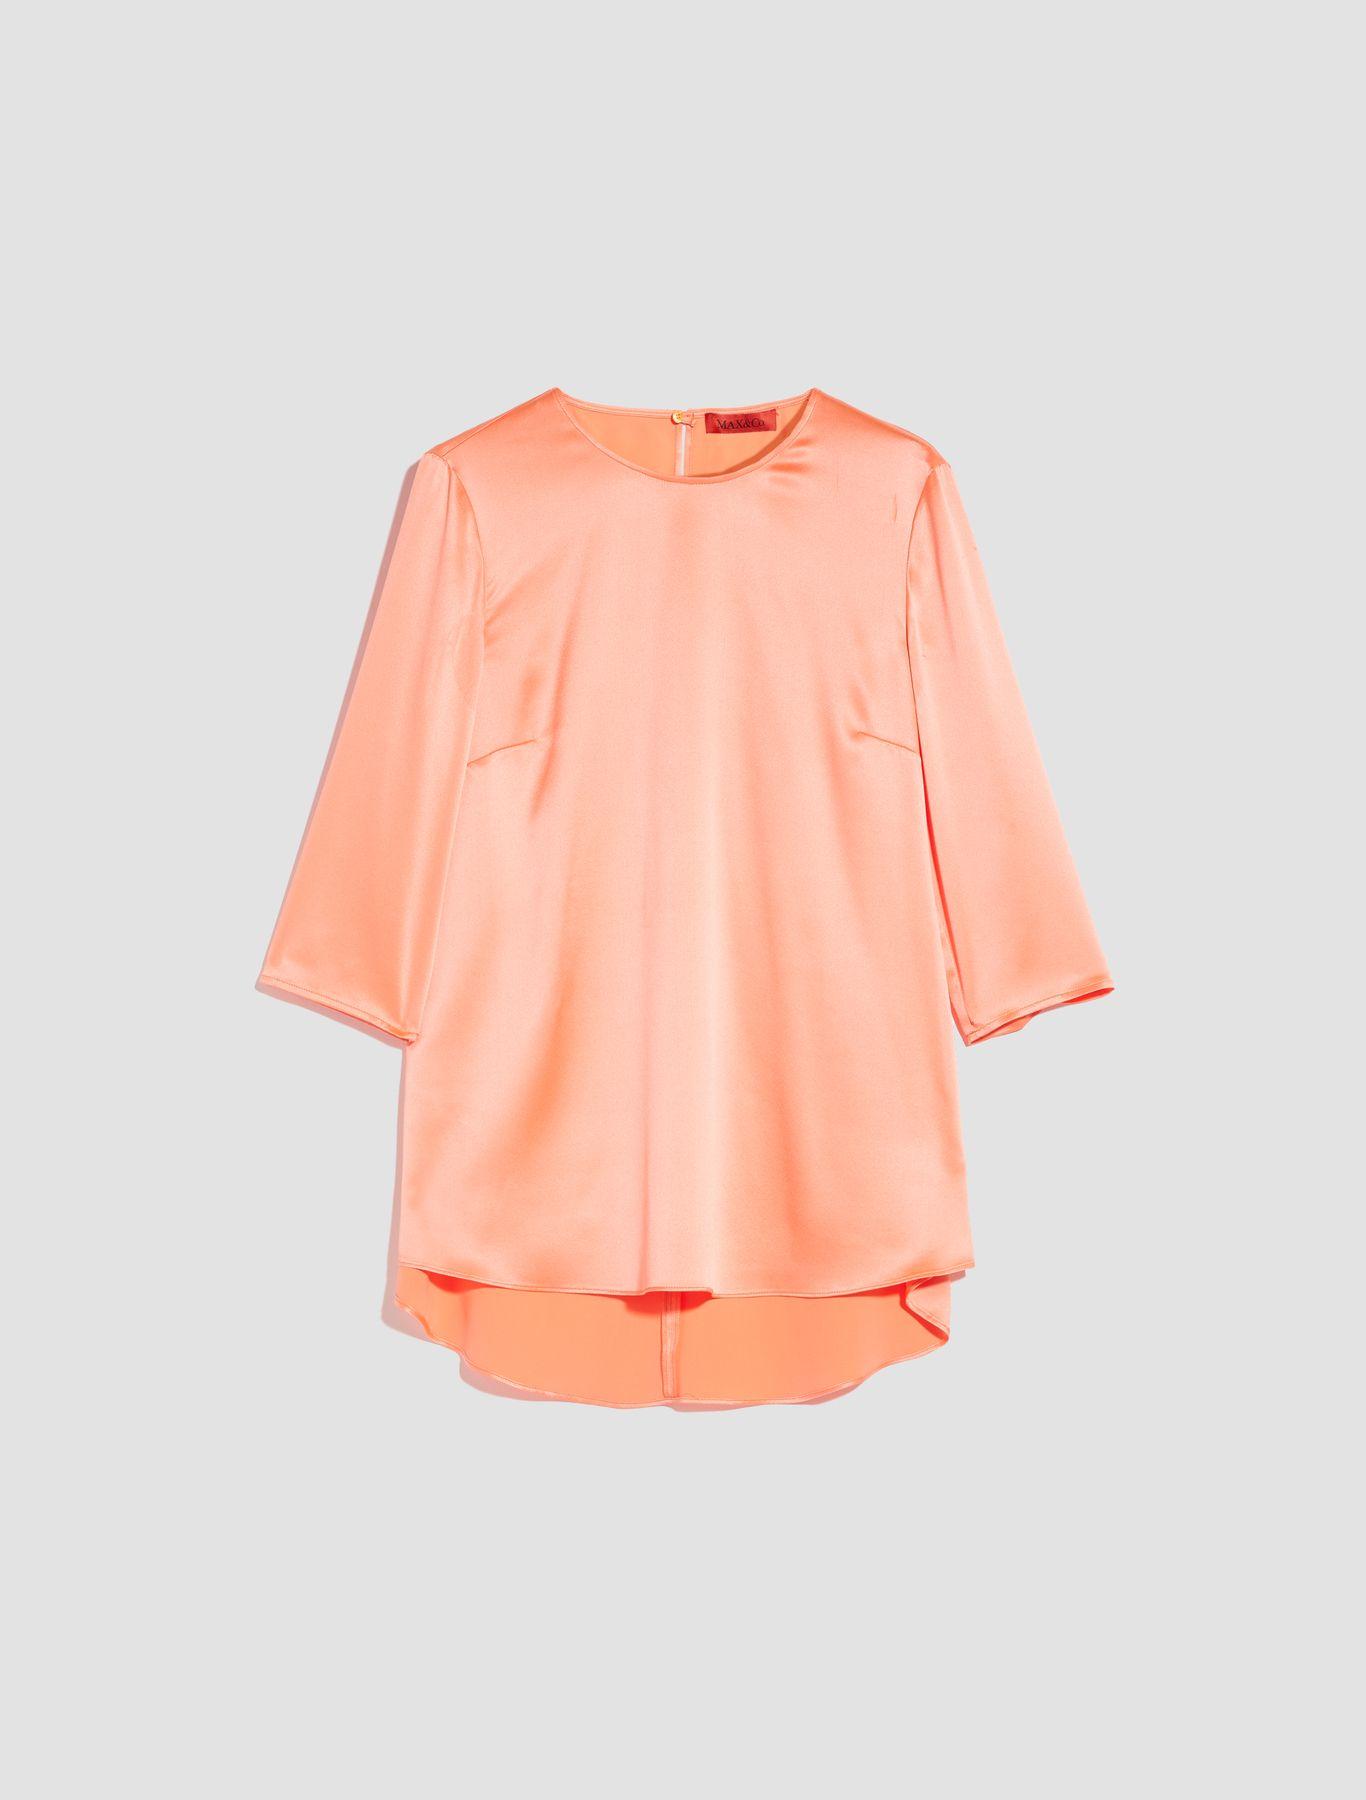 DEPONE Shirt pink 5